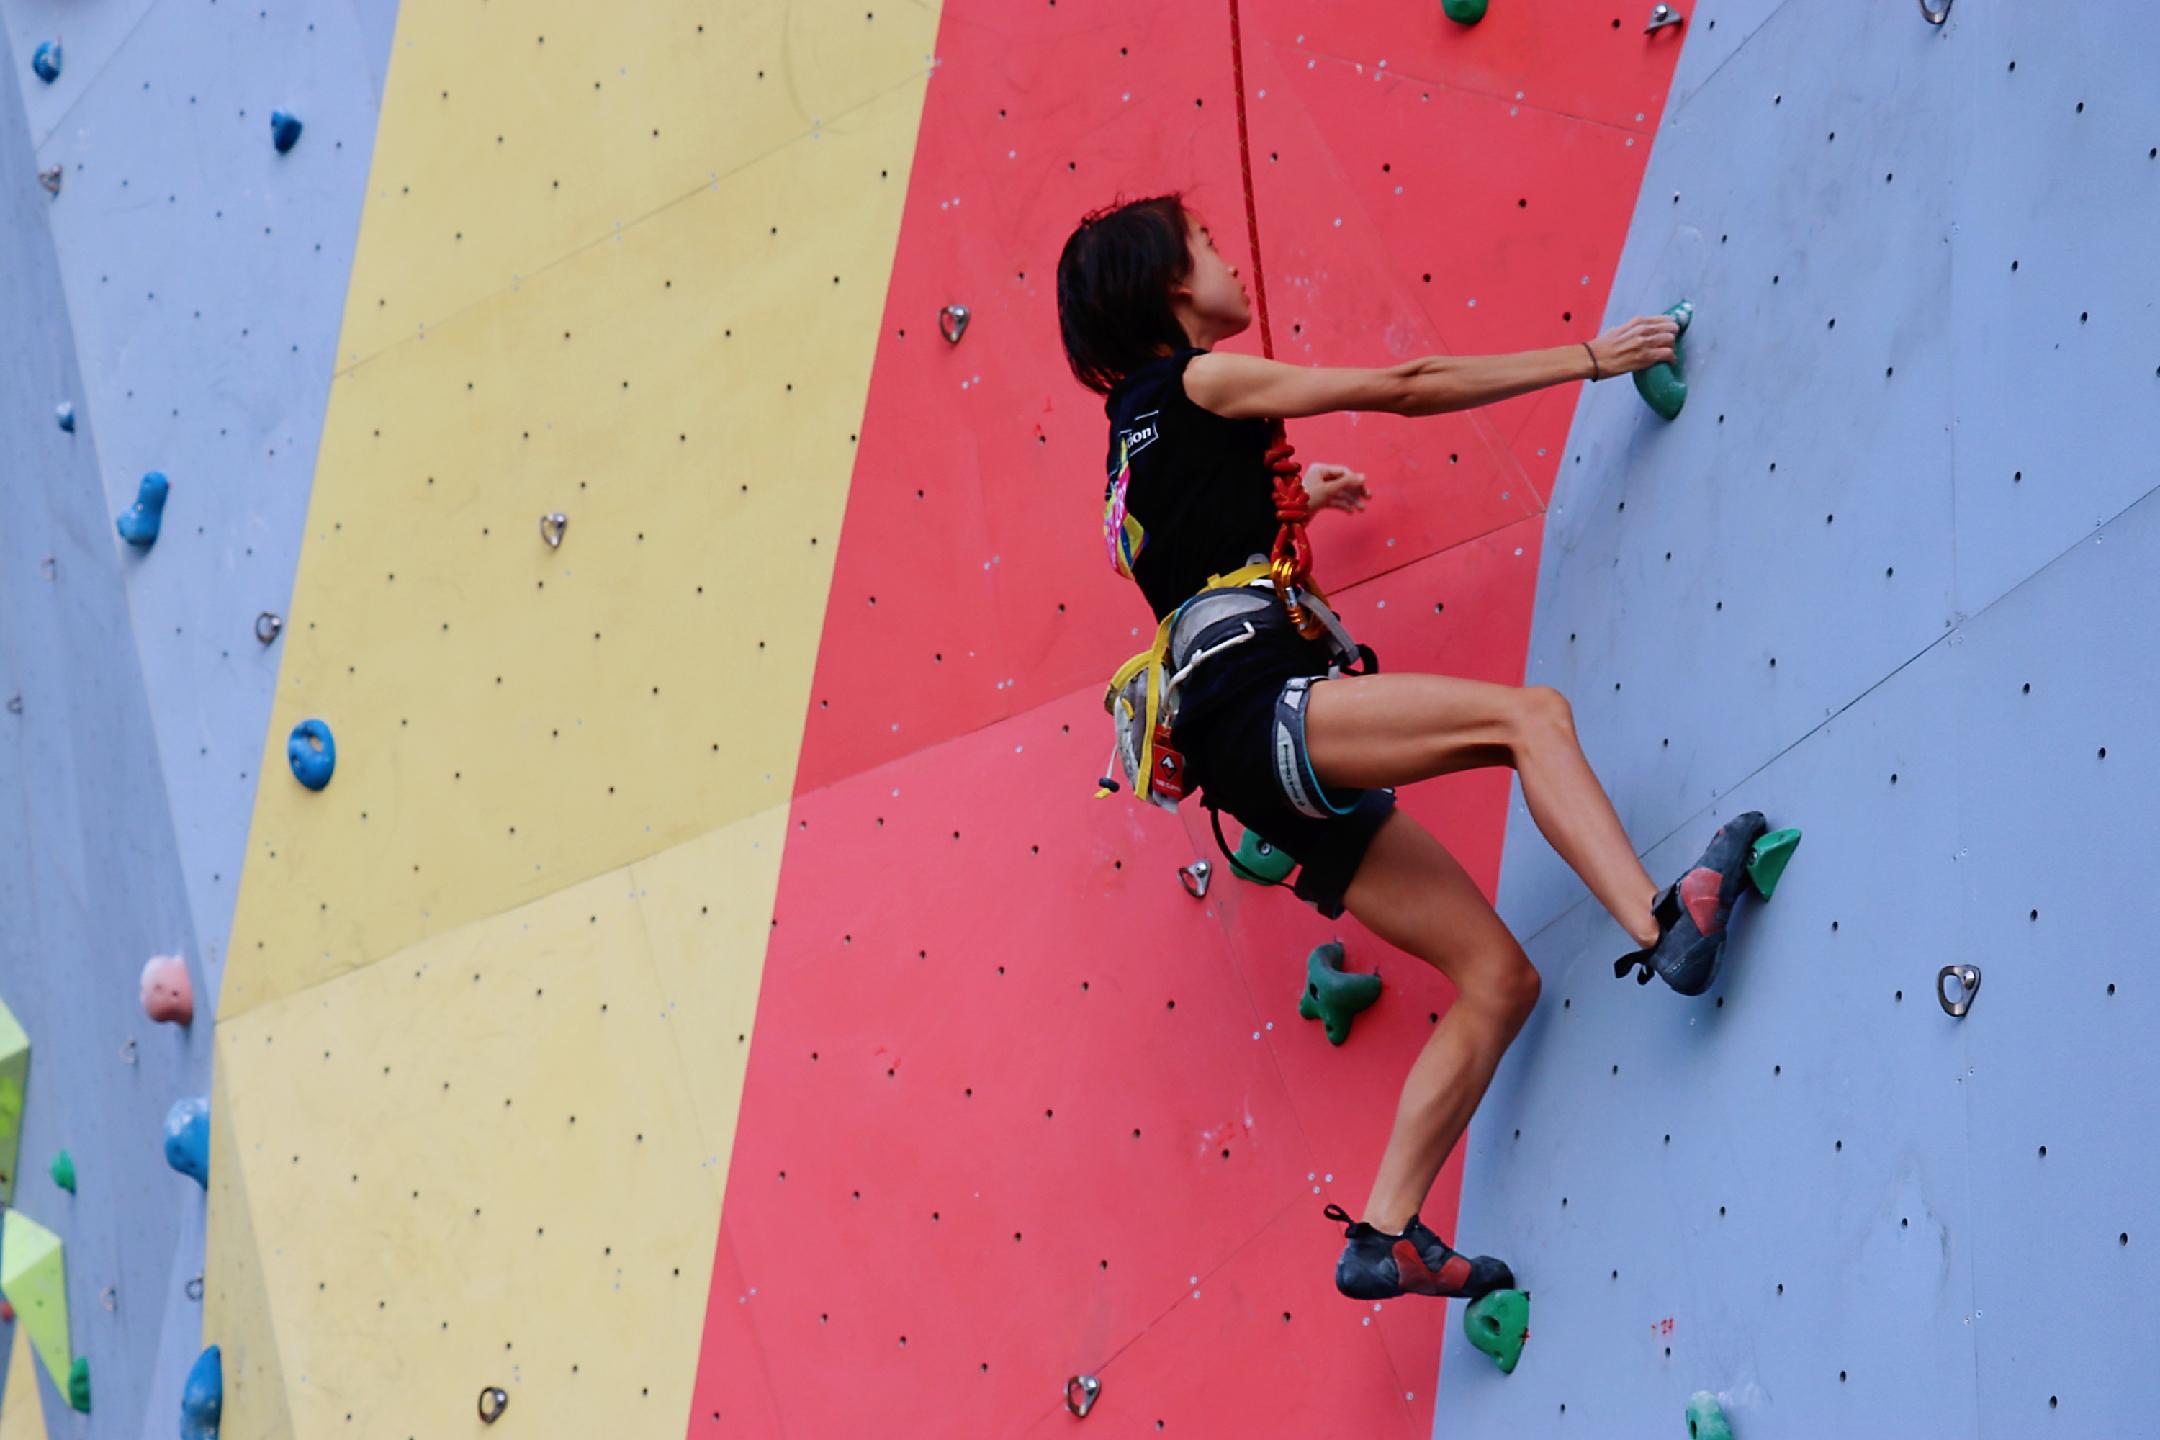 做攀岩壁上的勇士!2019上海市青少年攀岩锦标赛落幕